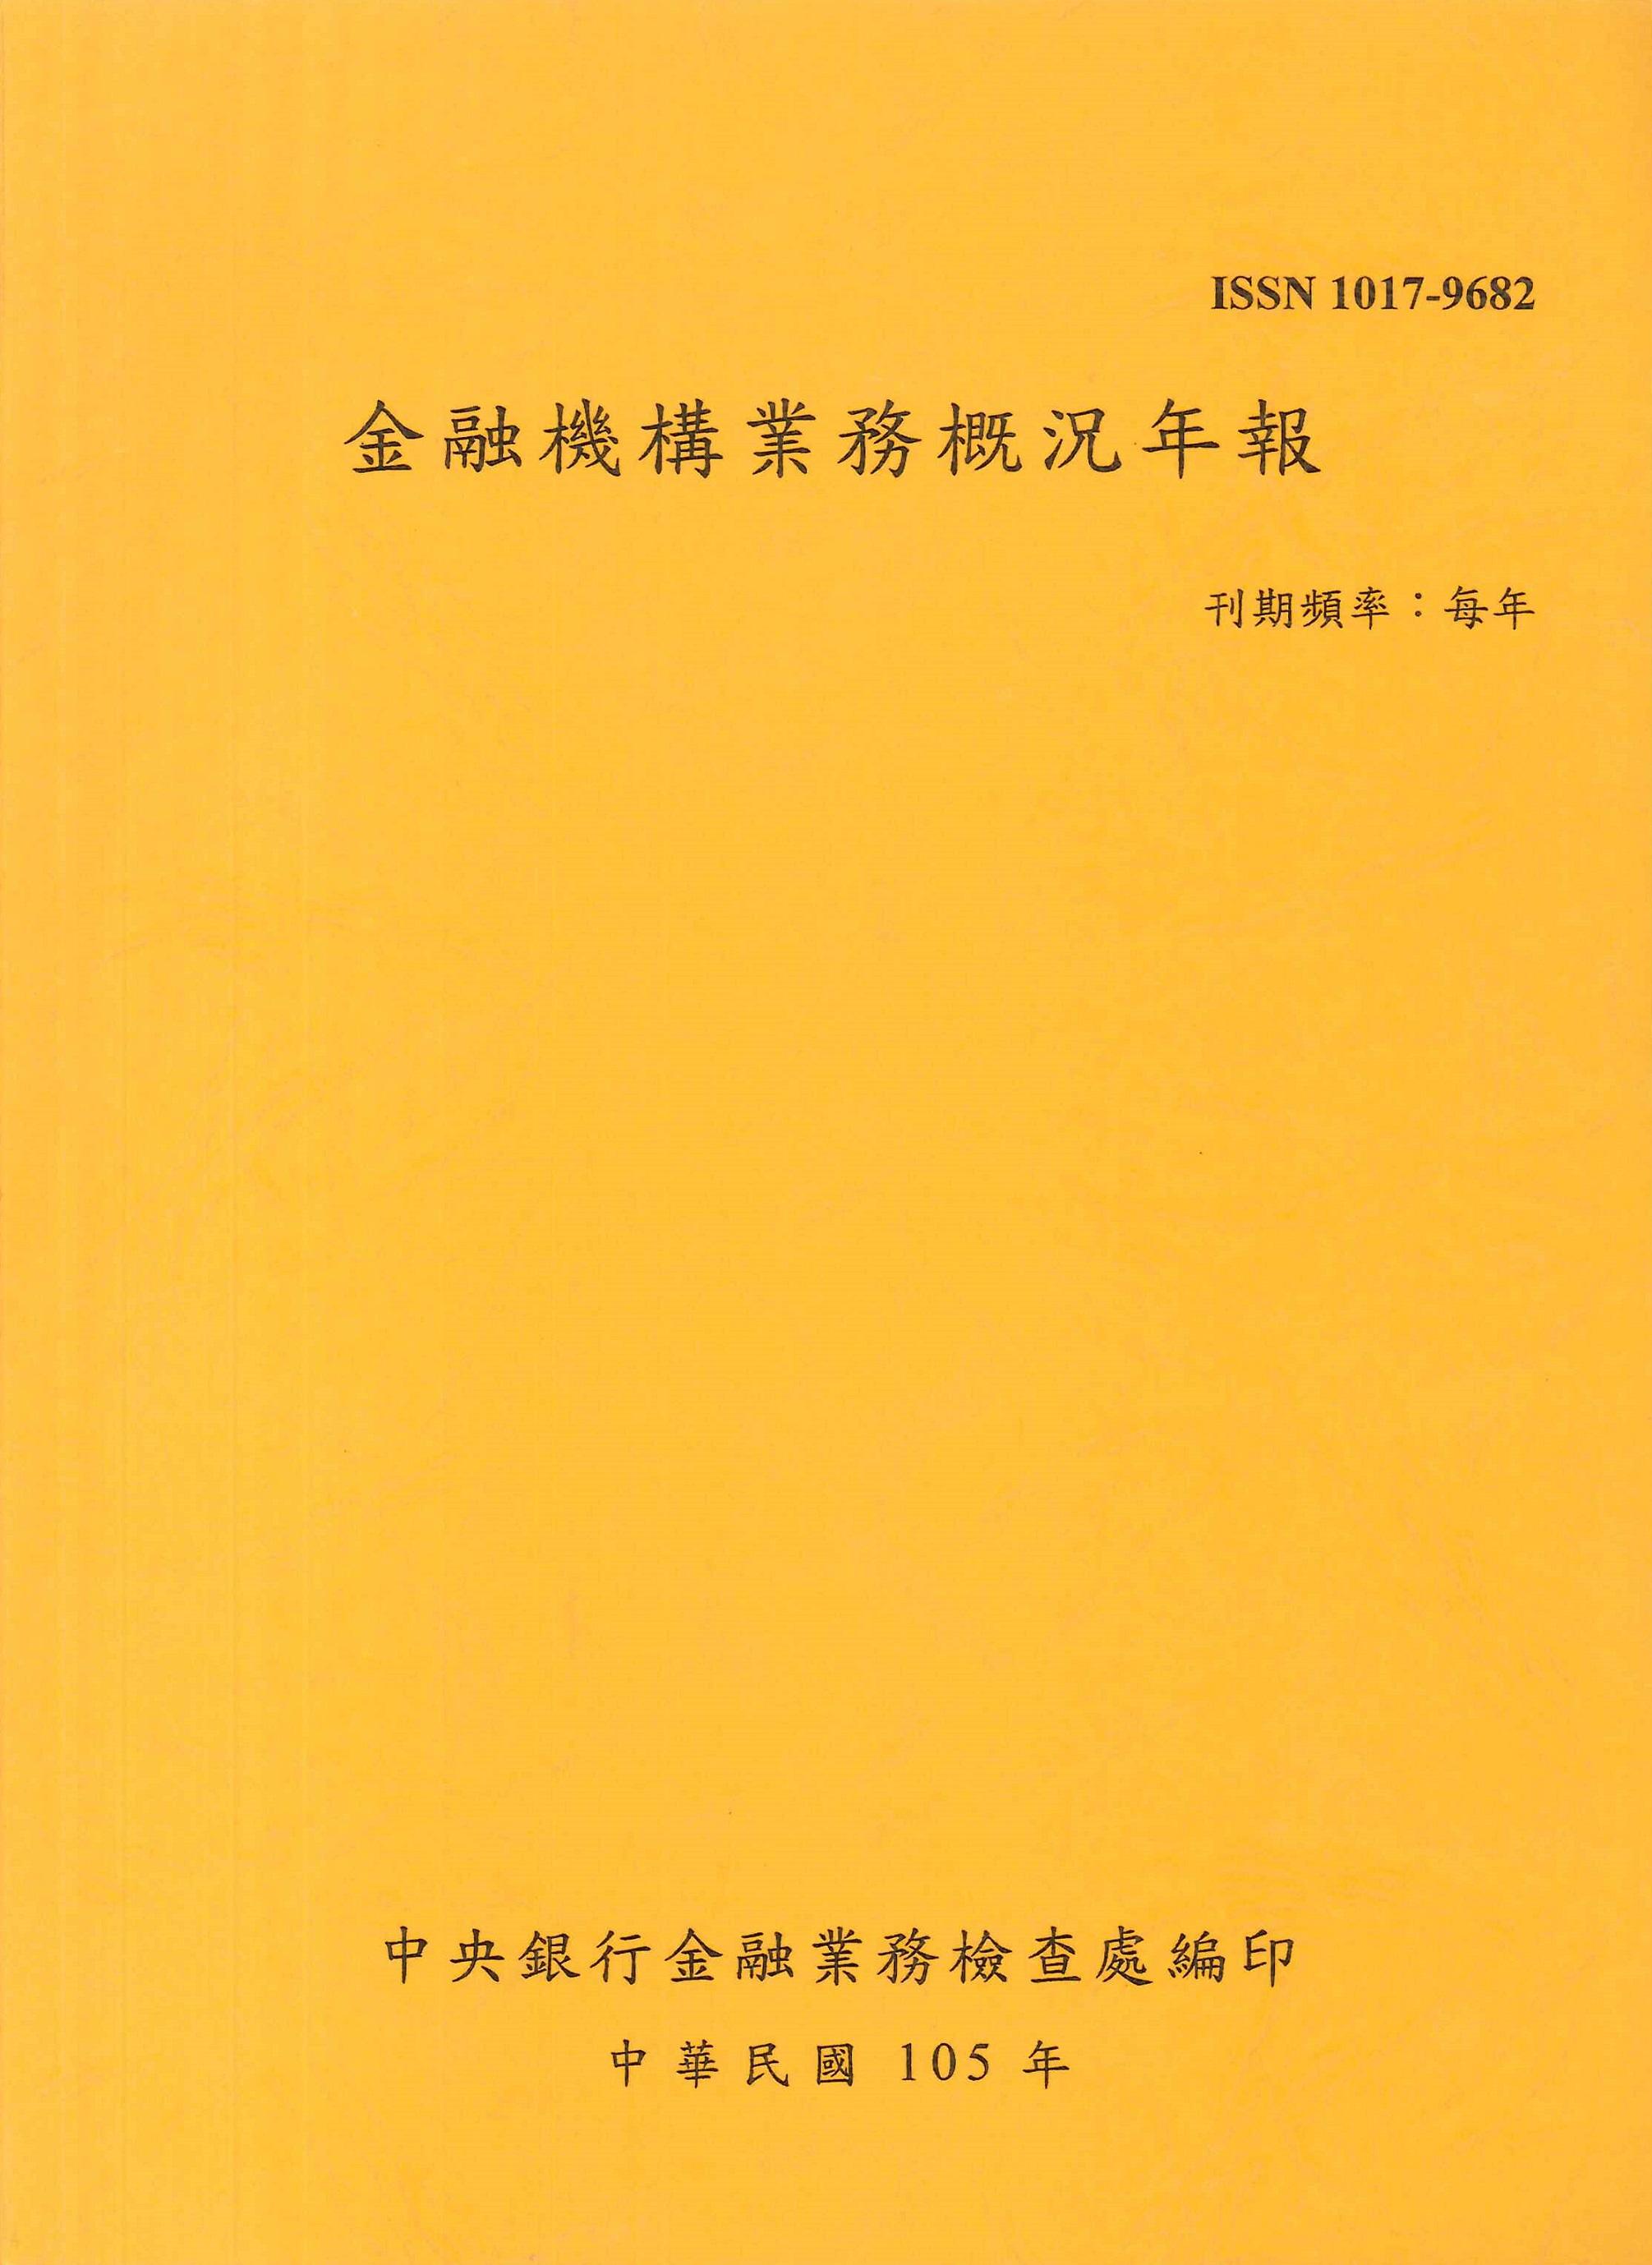 金融機構業務概況年報